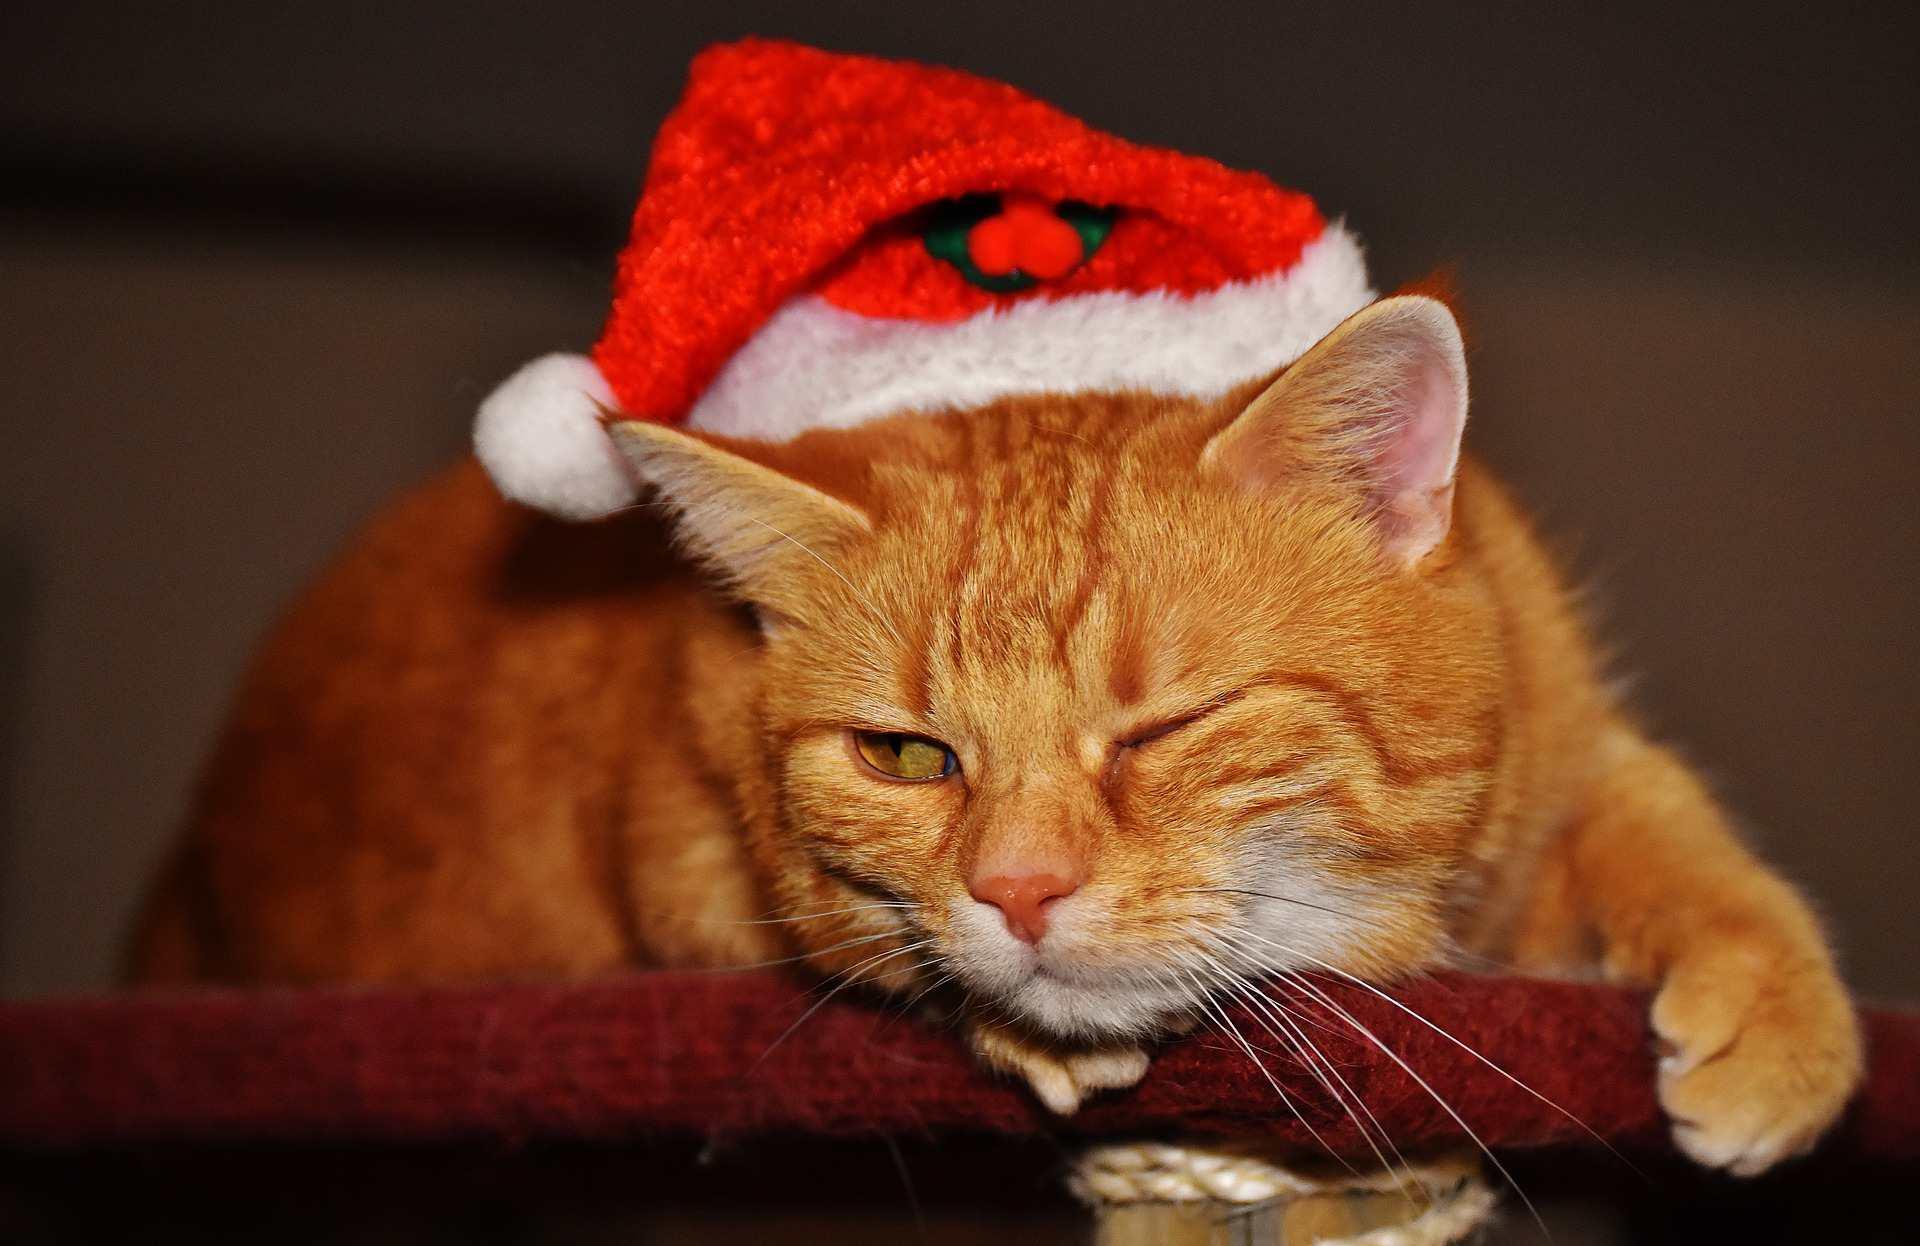 An orange cat wearing a Santa hat